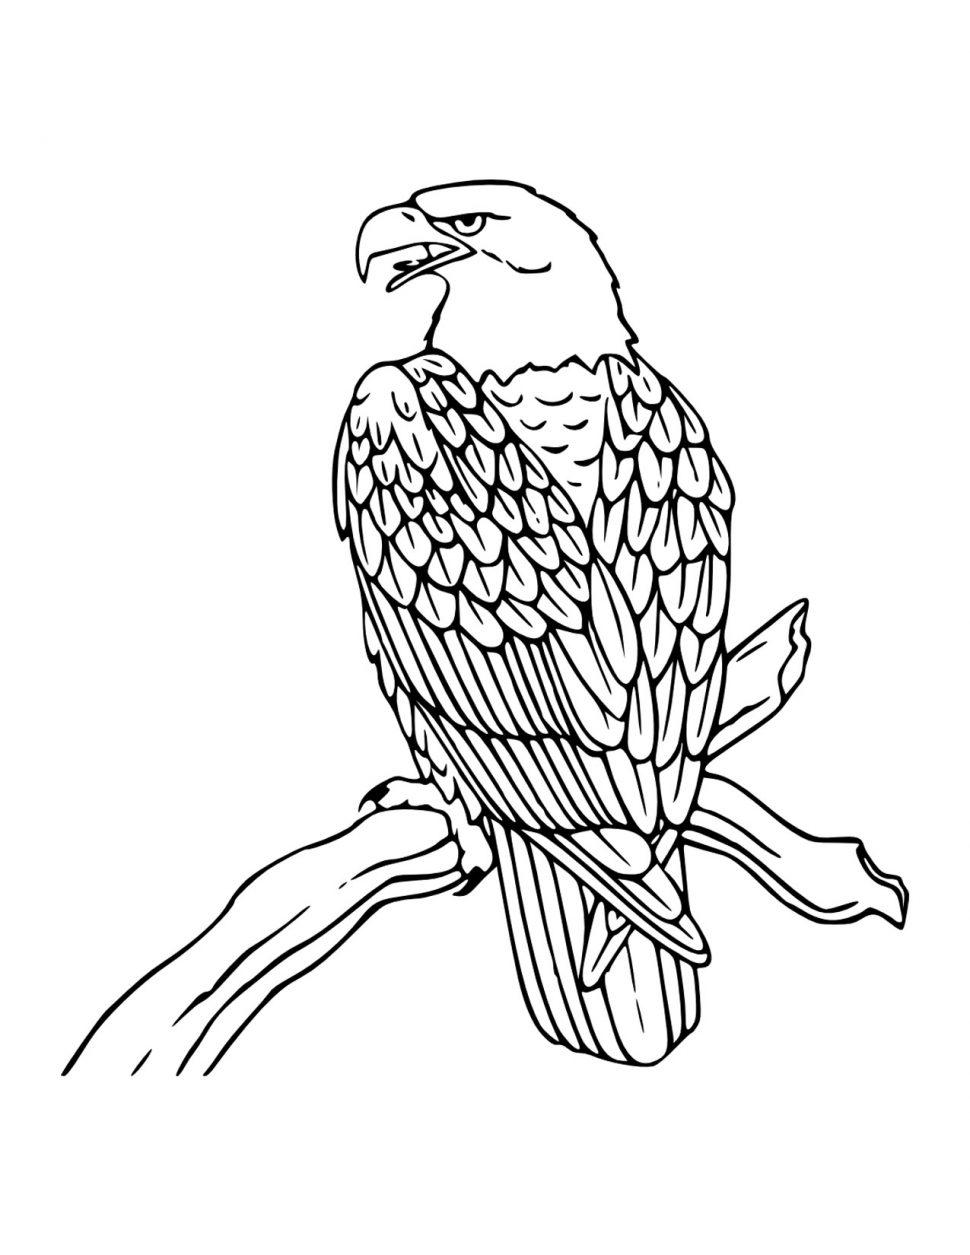 american eagle coloring sheet american bald eagle coloring online super coloring sheet coloring american eagle